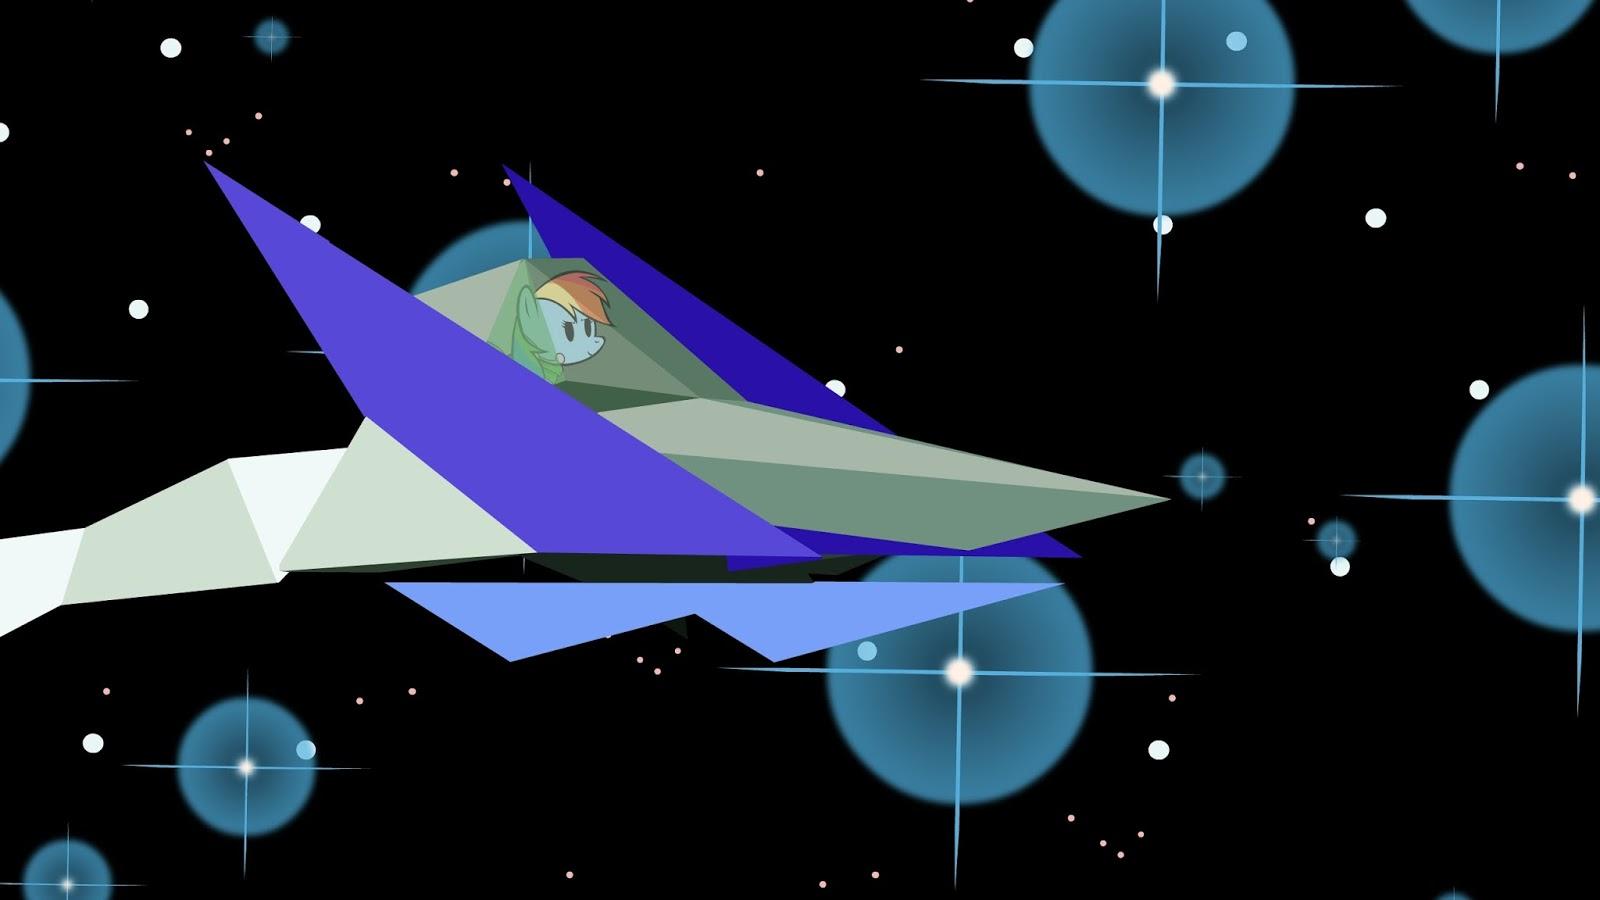 asteroid belt animation - photo #44